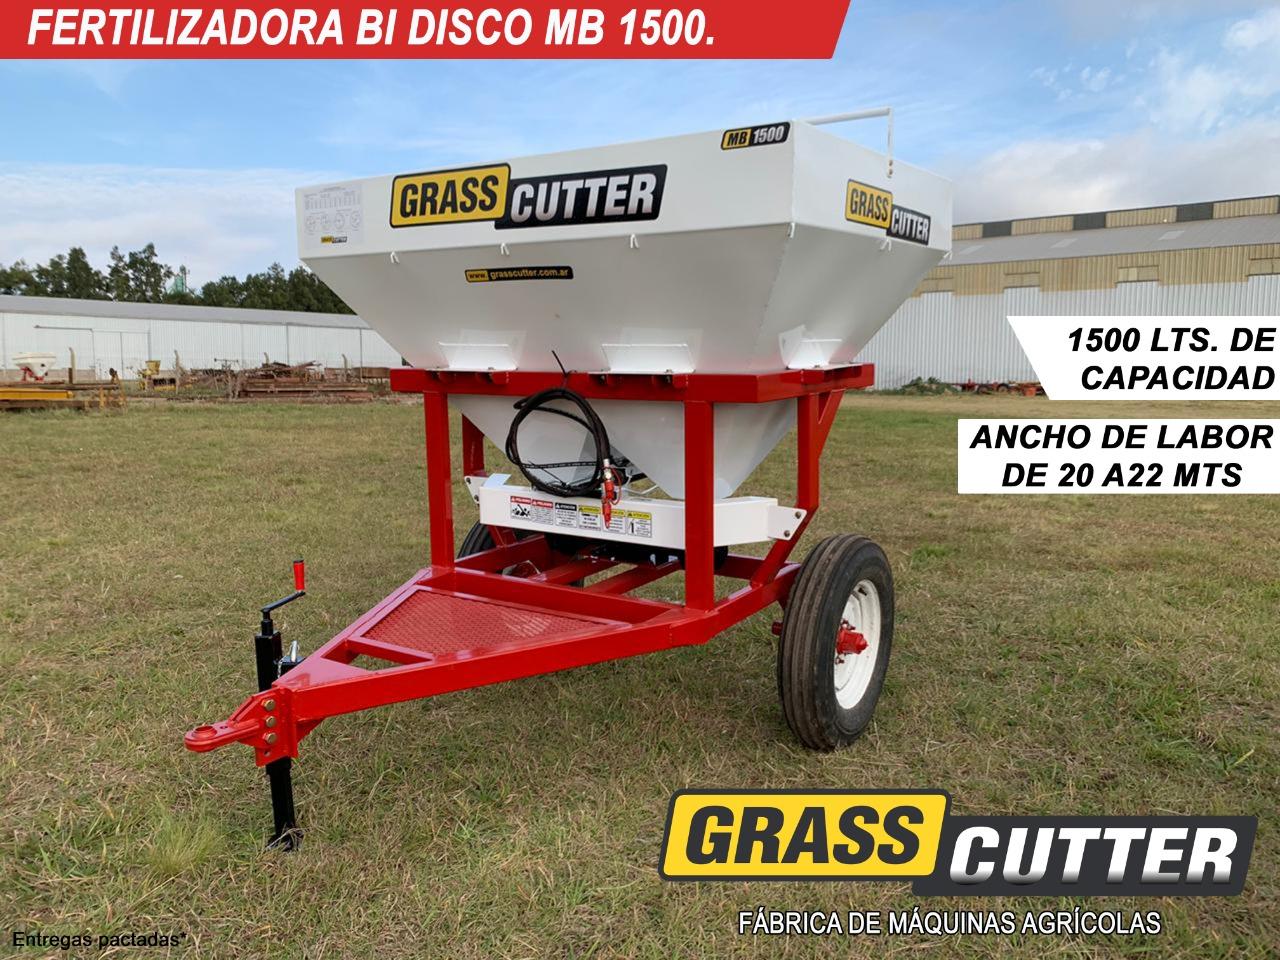 FERTILIZADORA GRASS-CUTTER MB 1500 BIDISCO